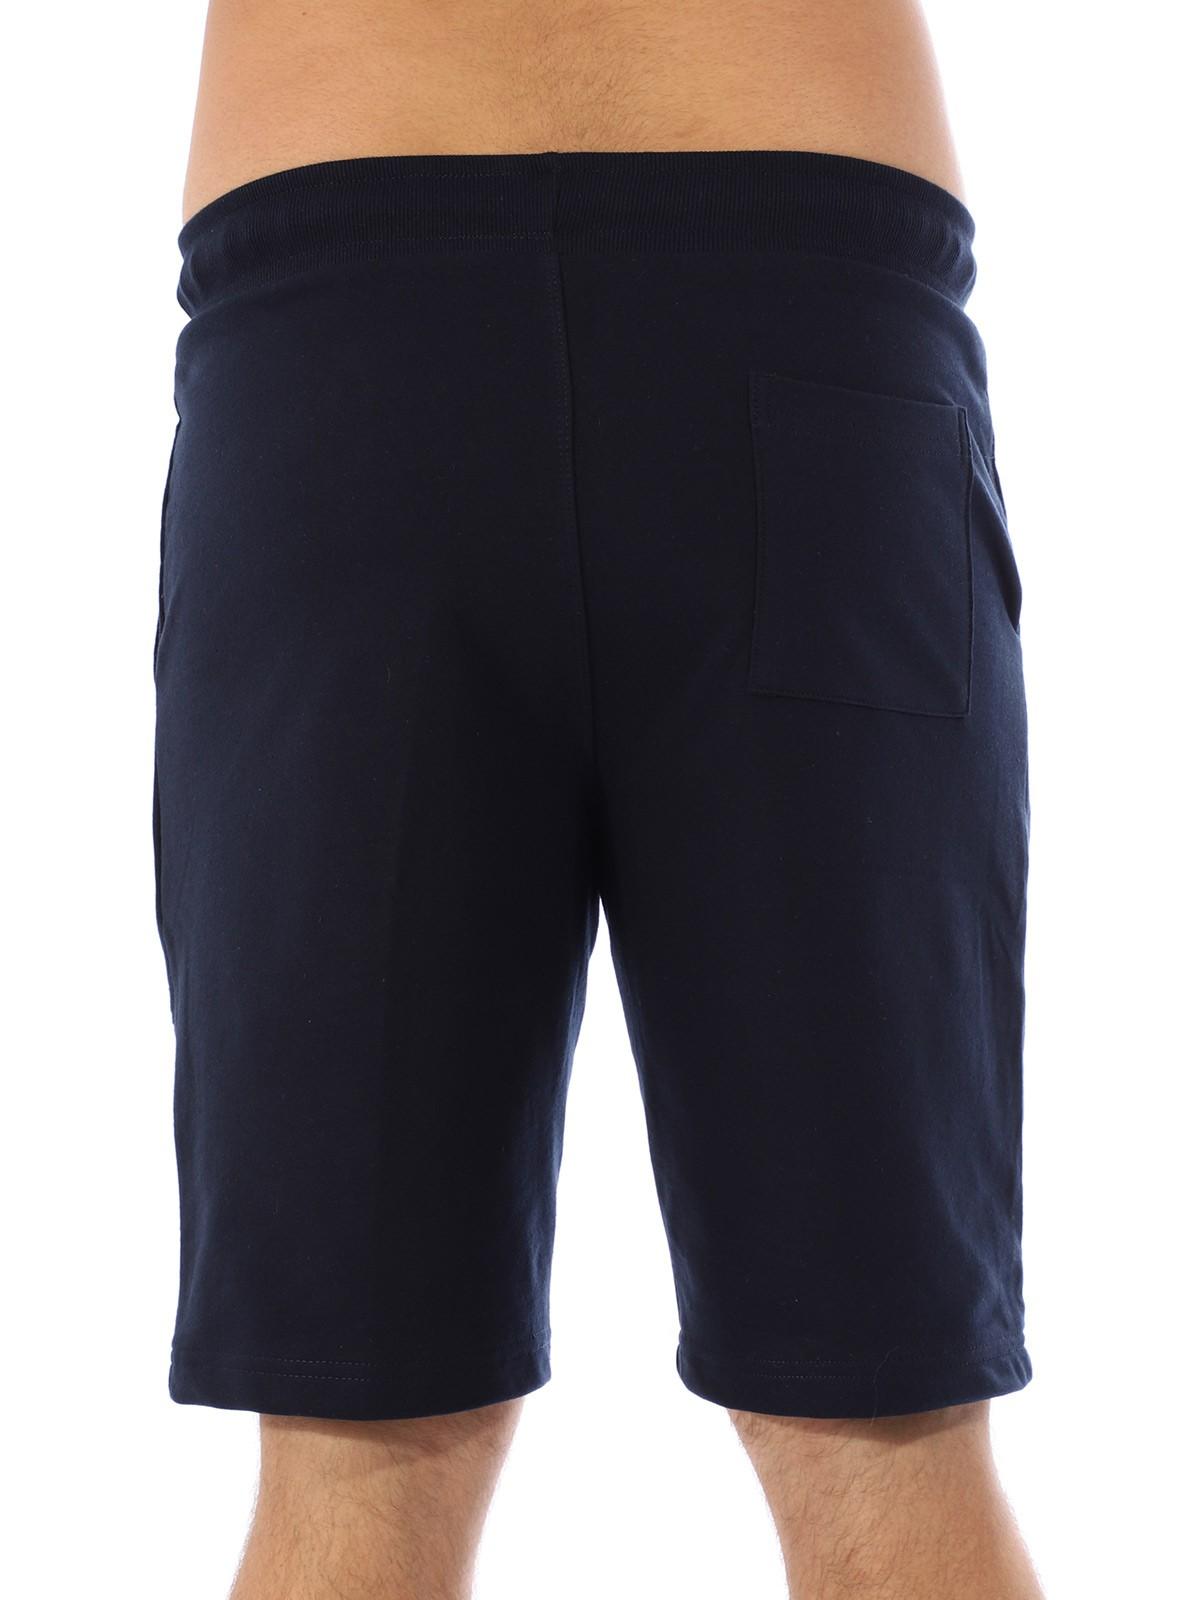 Bermuda Moletom Masculina Academia Com Bolsos Azul Marinho